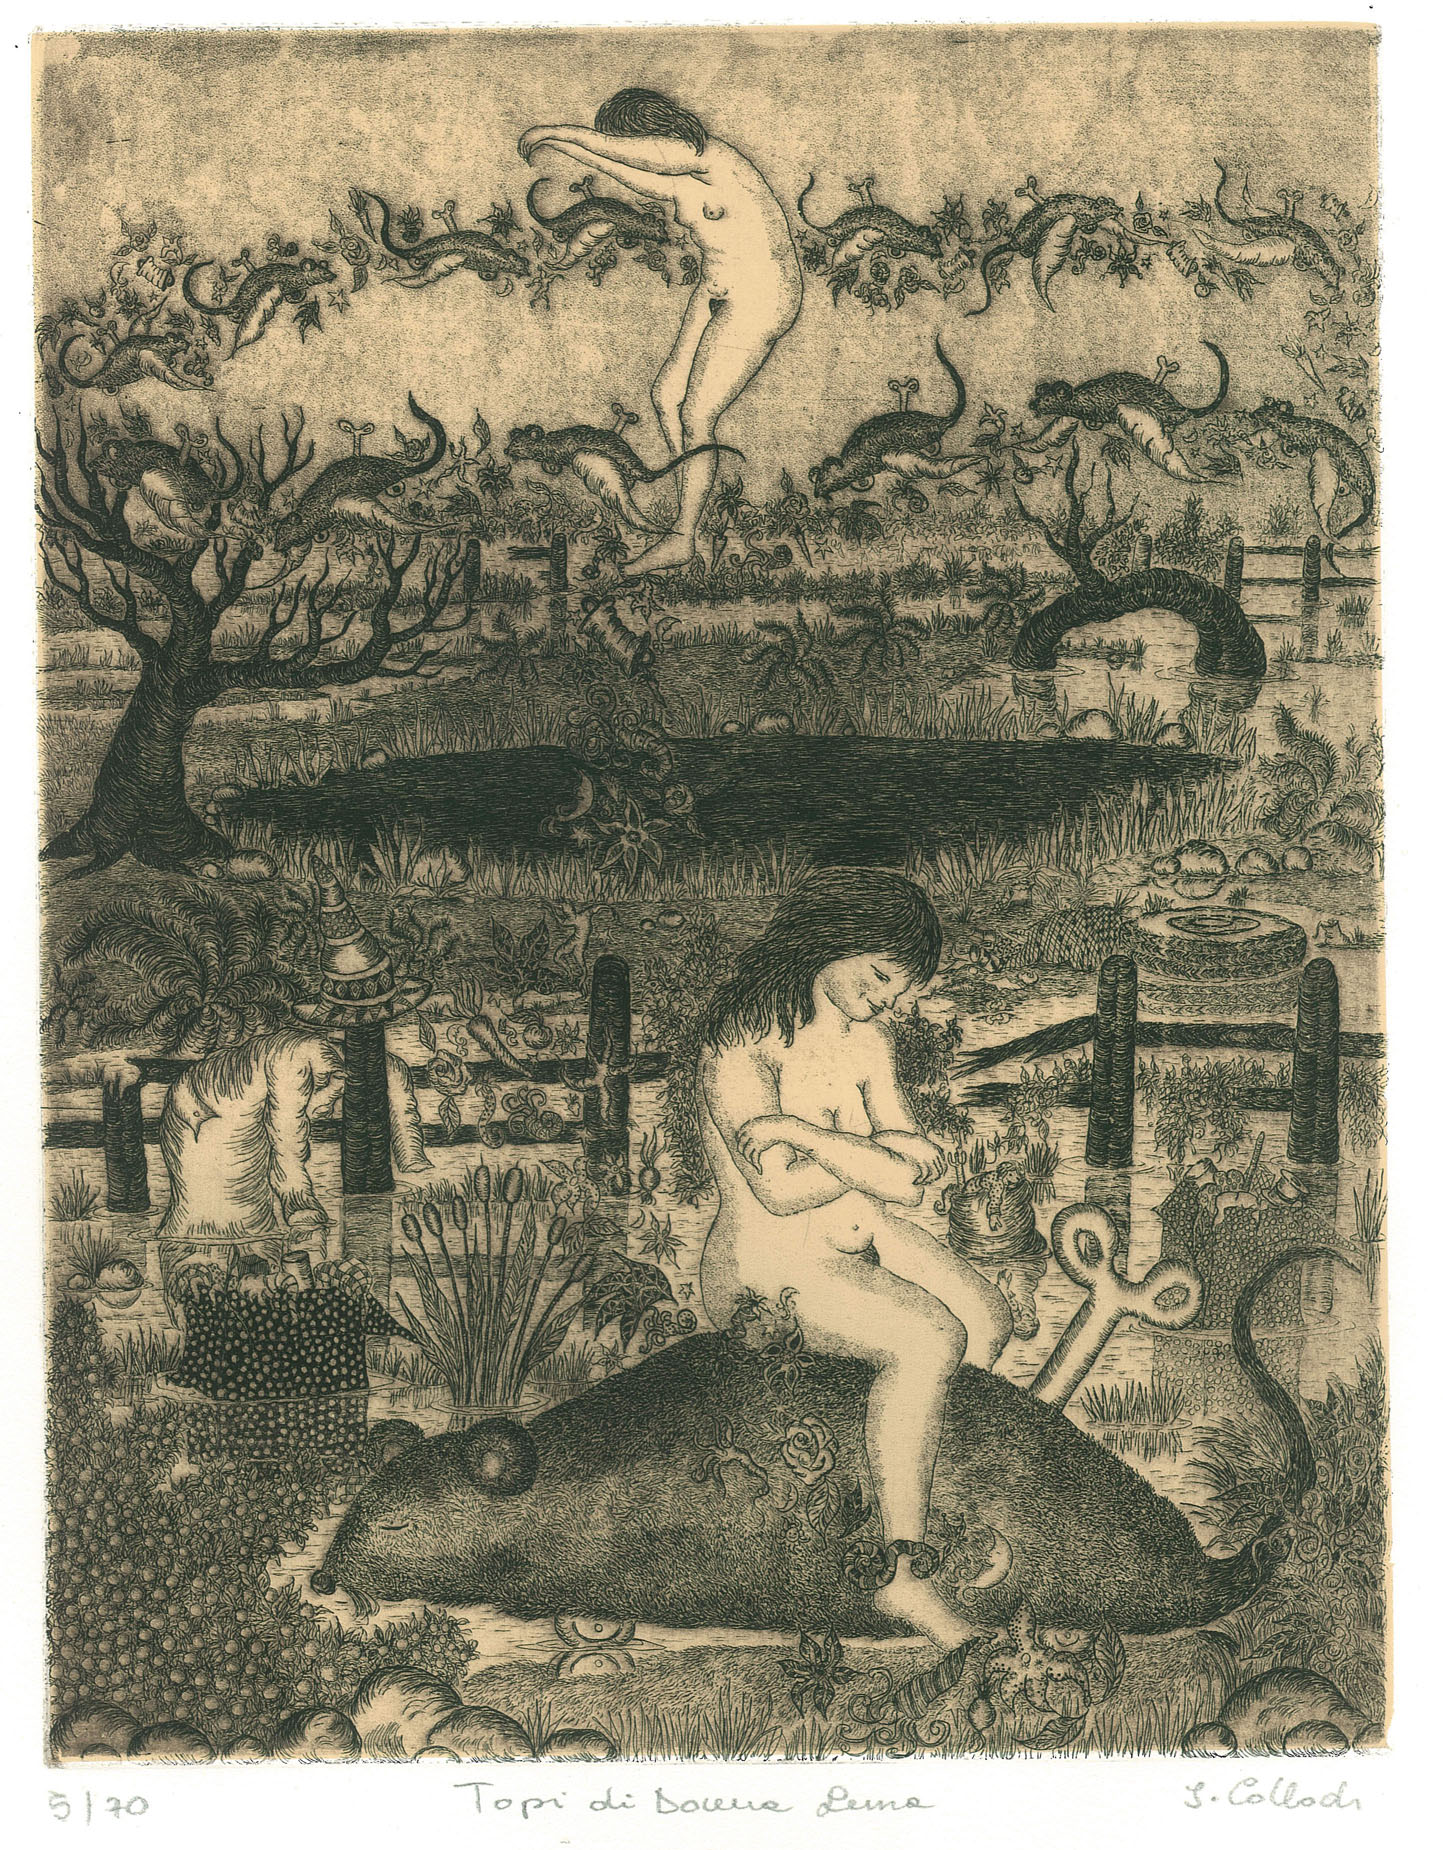 Isabella Collodi, acquaforte, topi di donna luna